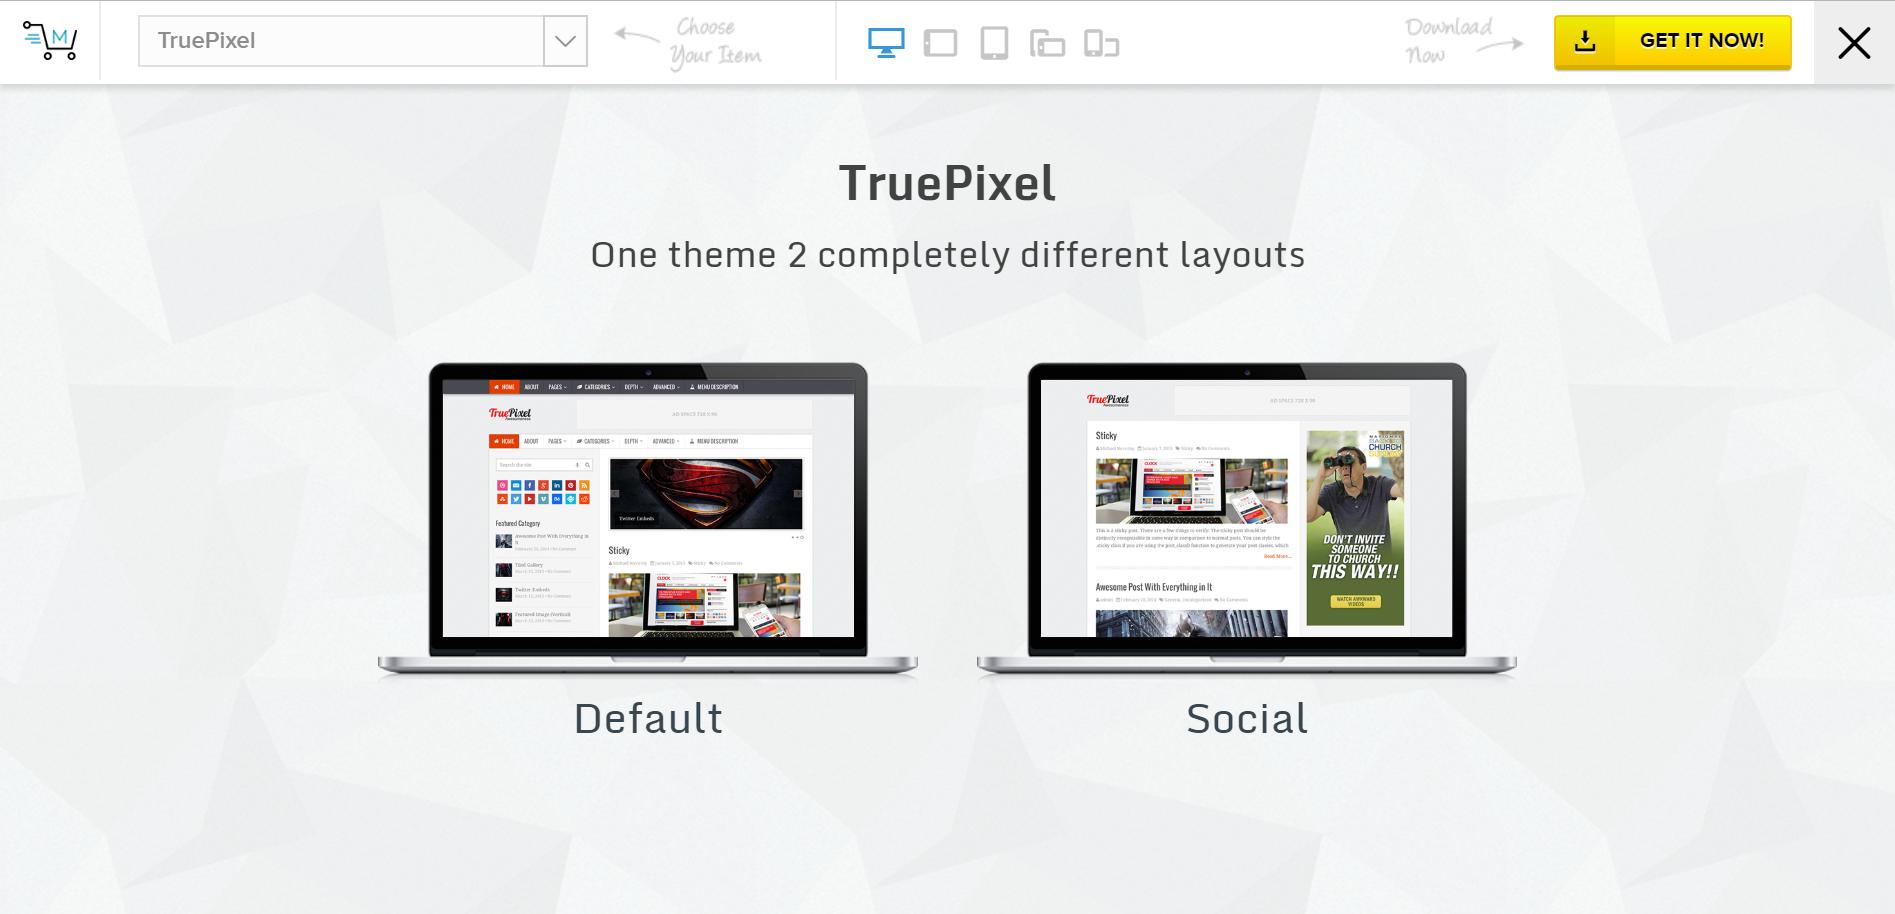 TruePixel theme